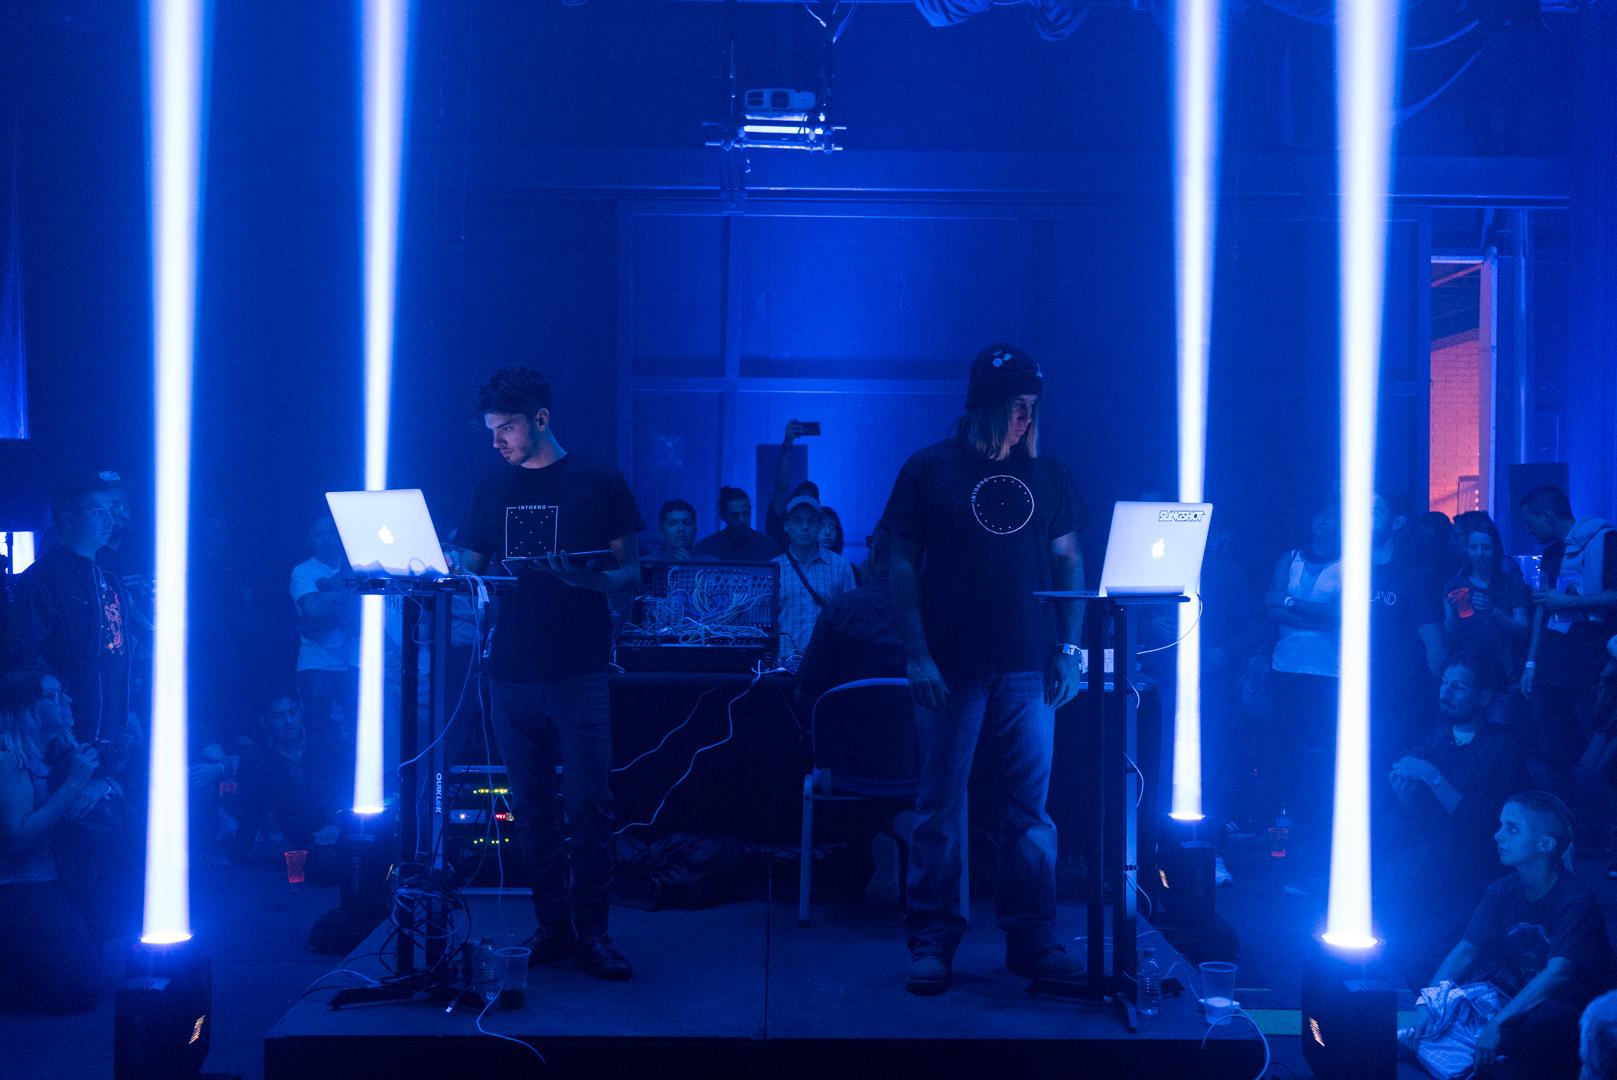 Los conciertos en 3D llegaron a México gracias a MUTEK MX